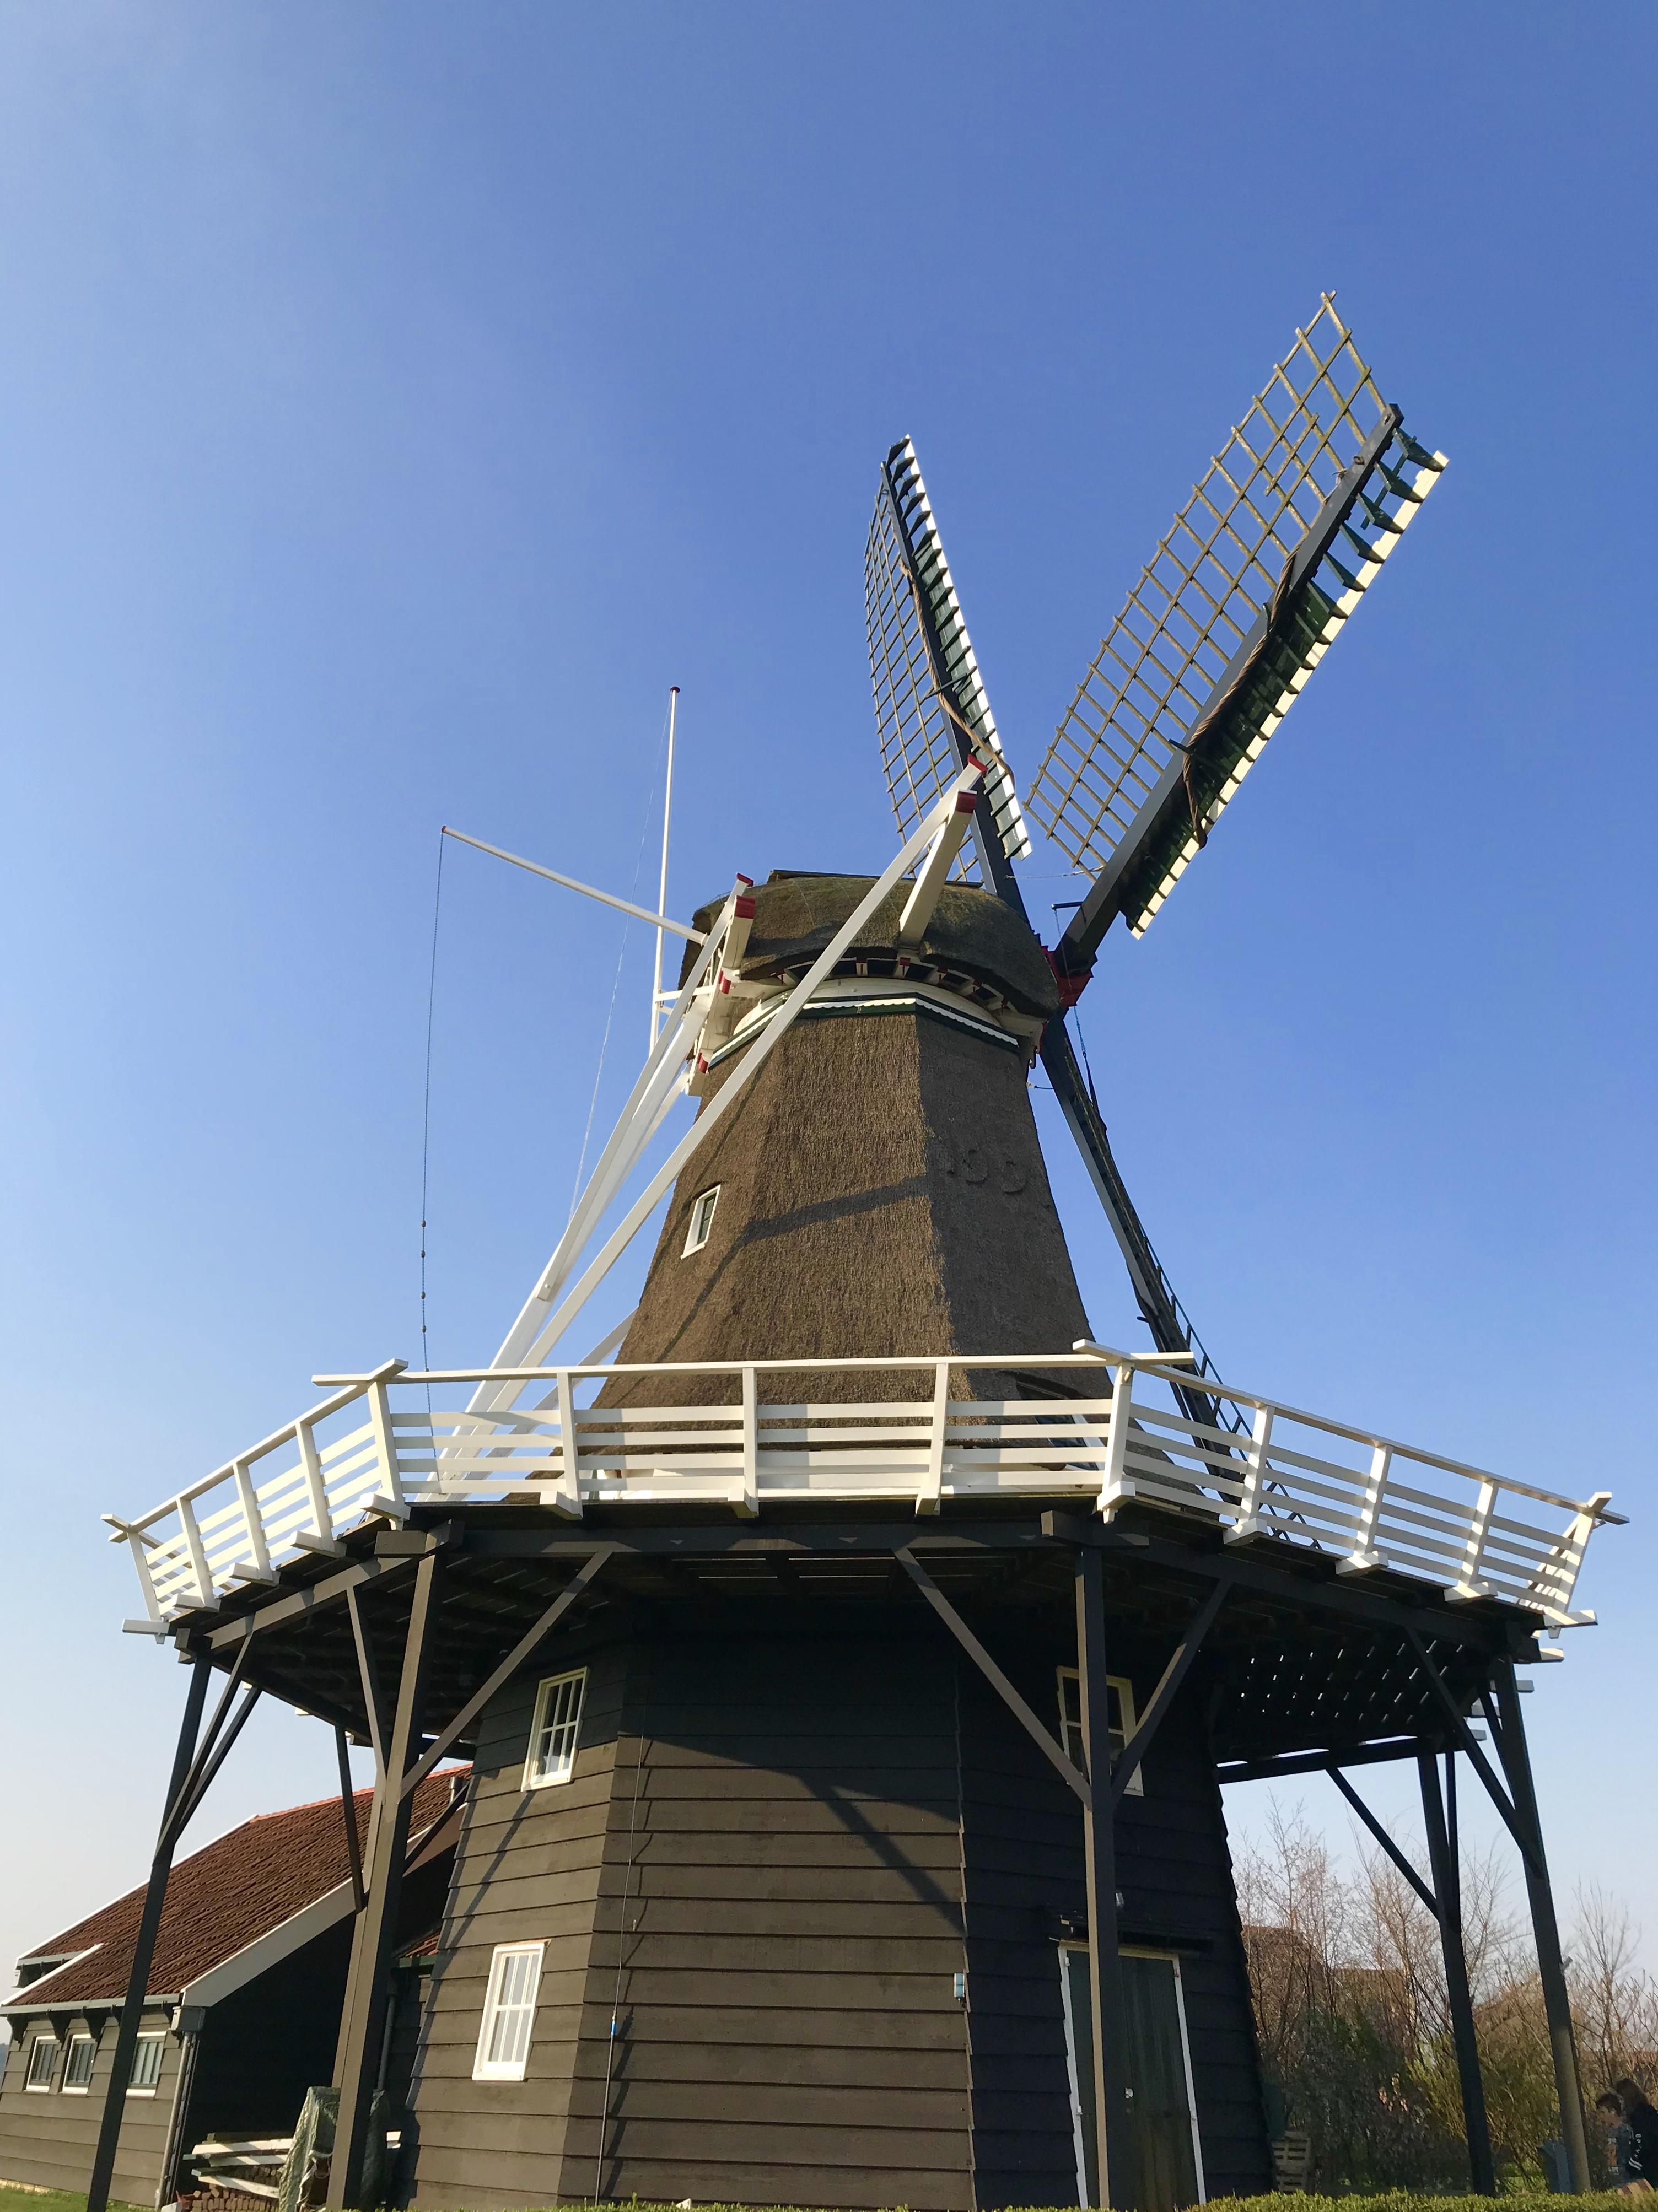 De molen 'De Verwachting' in Amland